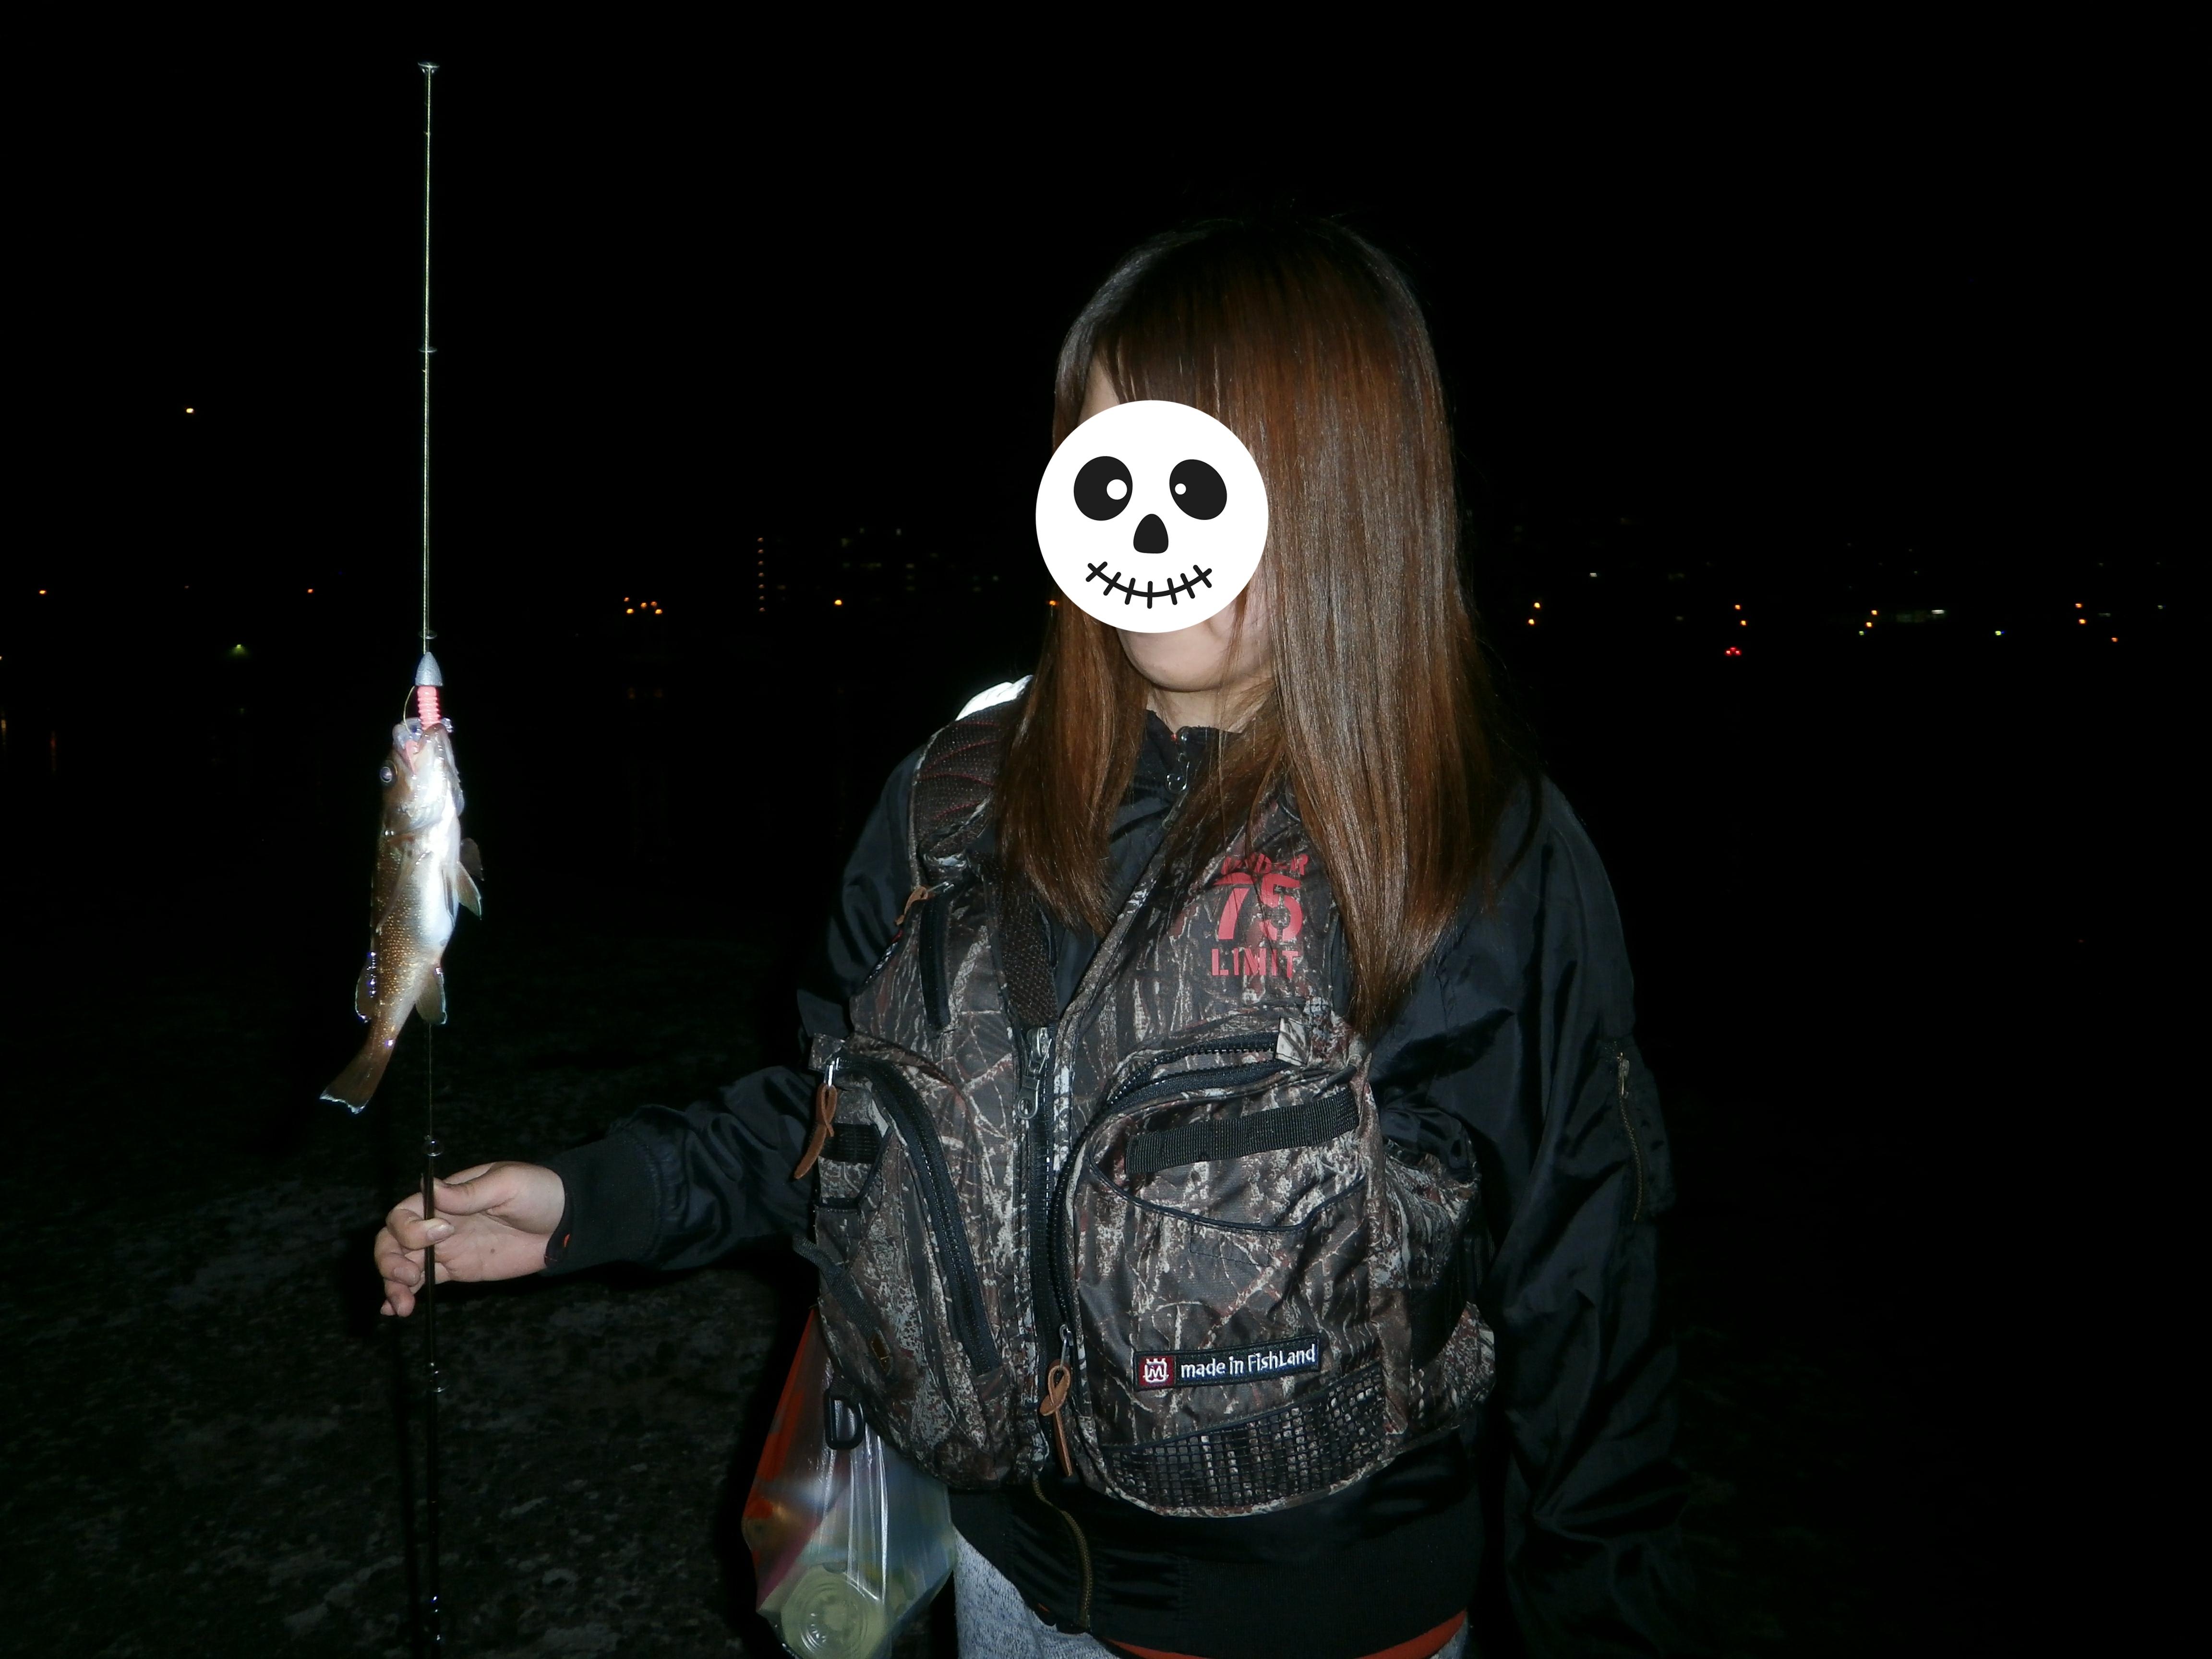 2017/6/13~14 小樽で彼女に初めて釣りさせたらチビガヤいっぱい釣りだした…